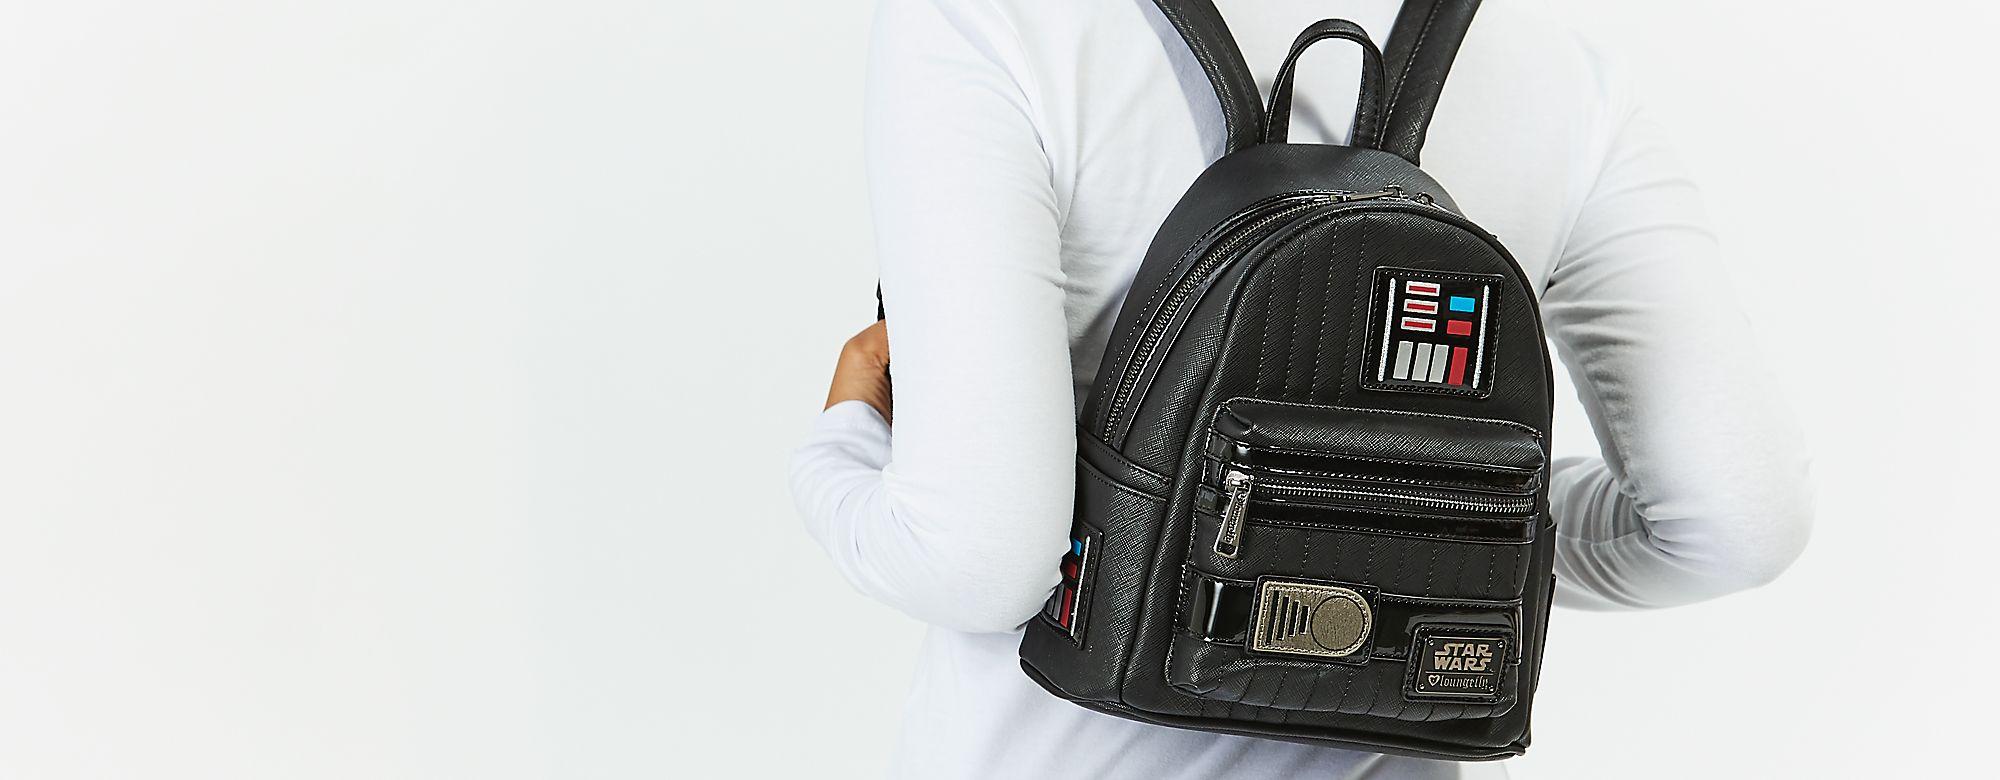 Loungefly Lounge Fly ha creado las mochilas, bolsos y accesorios más increíbles con tus personajes favoritos de Disney. Hazte con ellos. DESCUBRIR